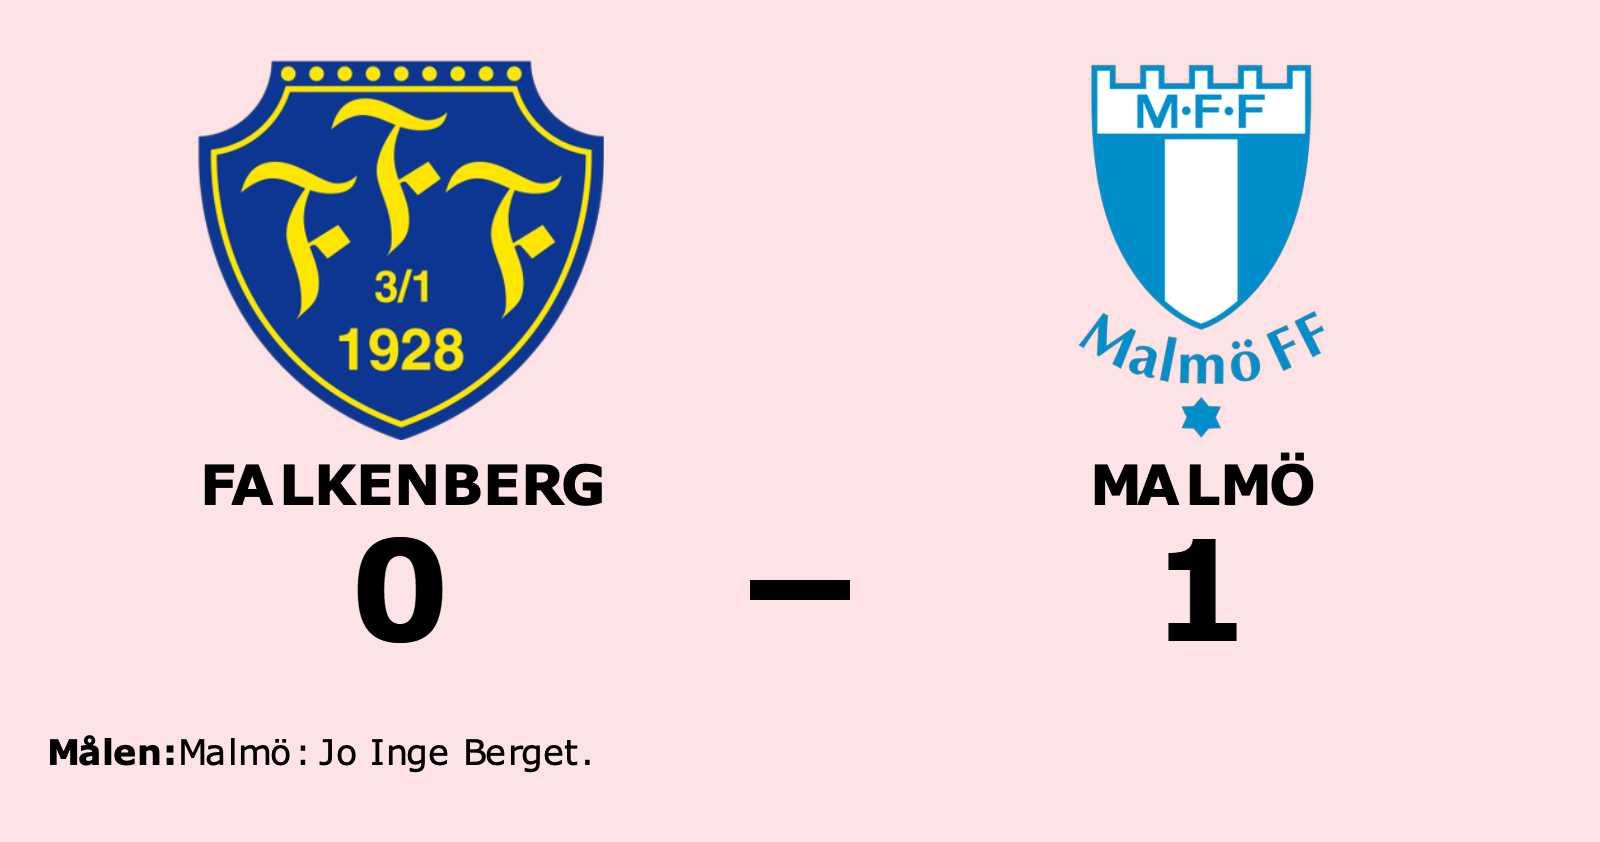 Jo Inge Berget målskytt när Malmö sänkte Falkenberg